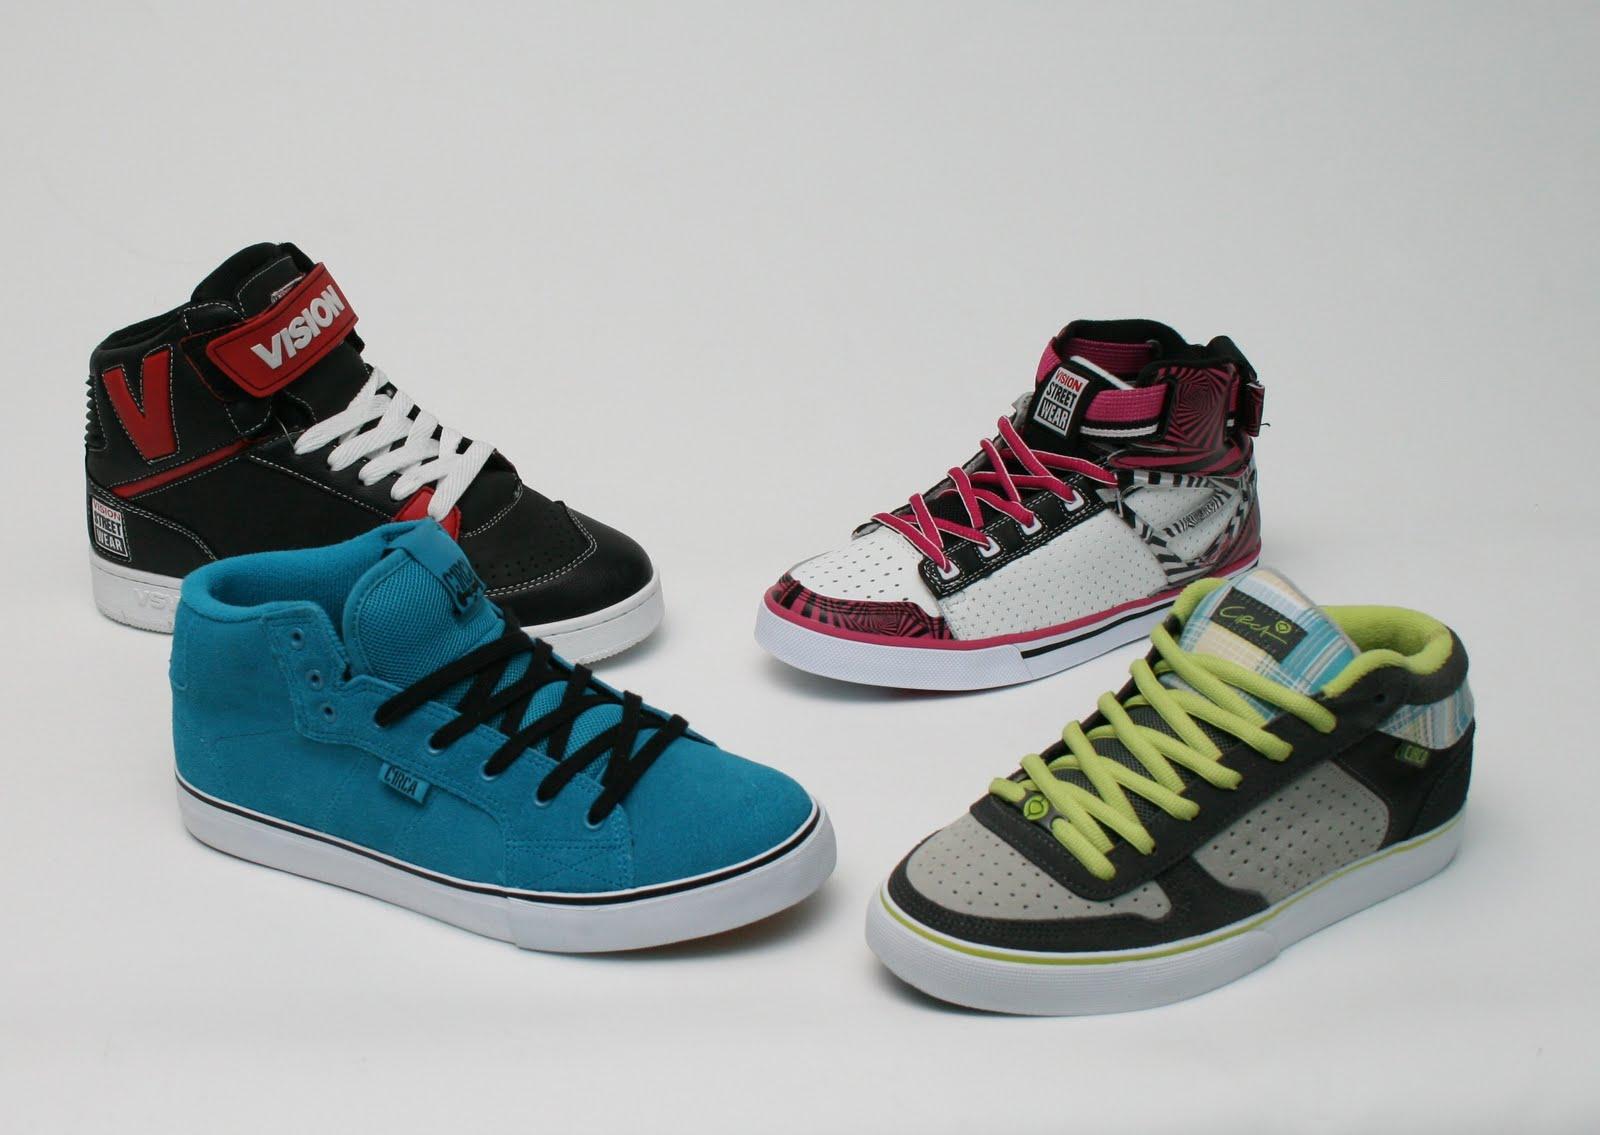 ... Street Wear. Los mejores productos al mejor precio. Street, Skate